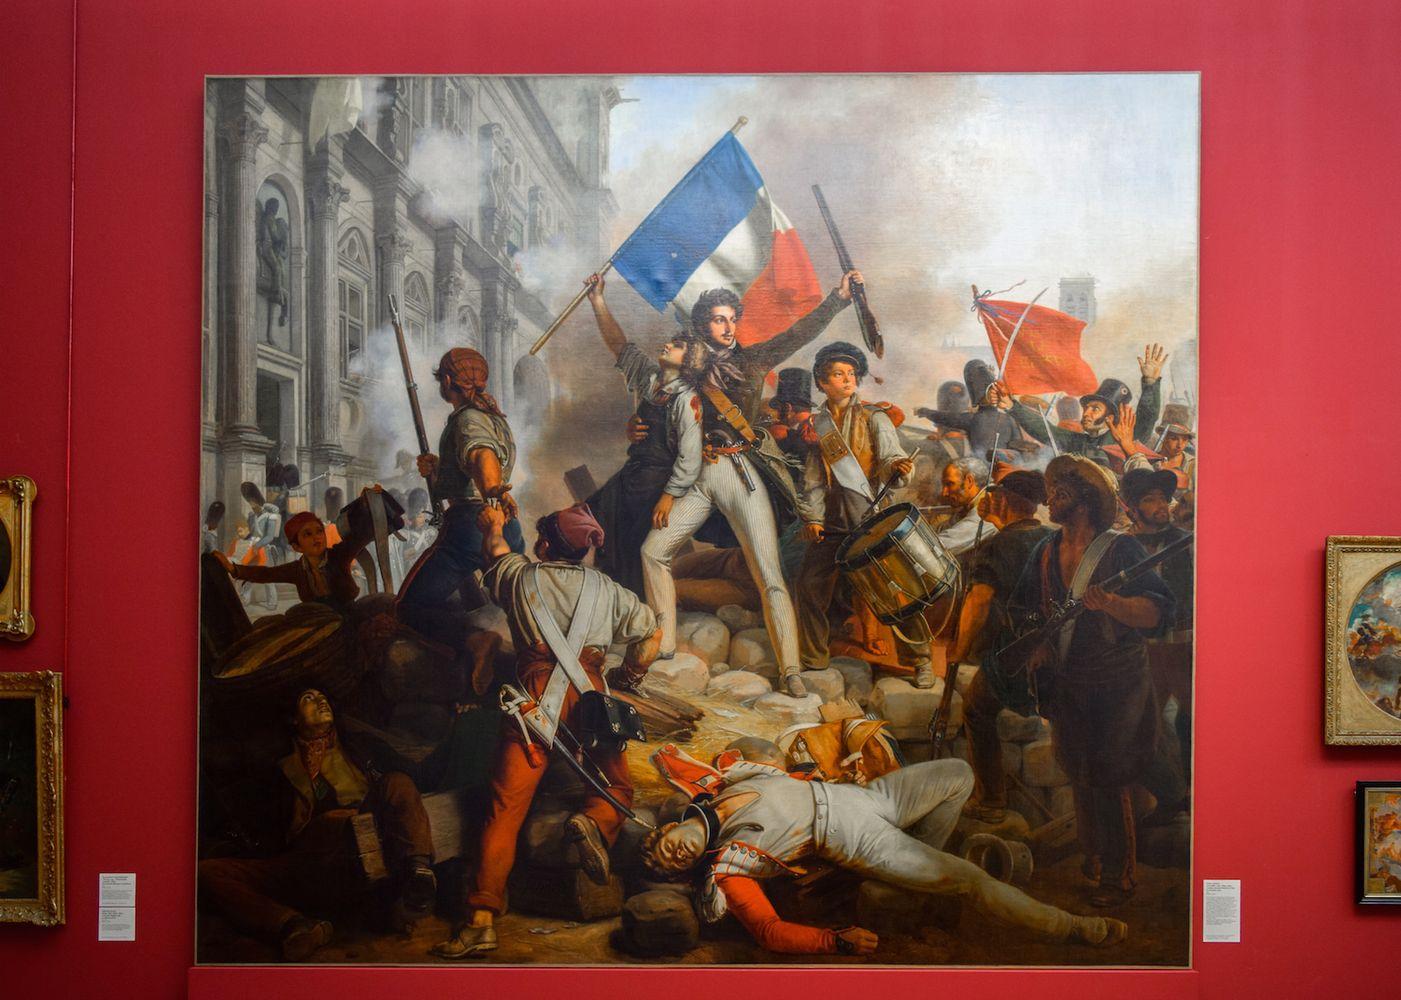 Victor Schnetz, Combat devant l'Hôtel de Ville, le 28 juillet 1830, 1833